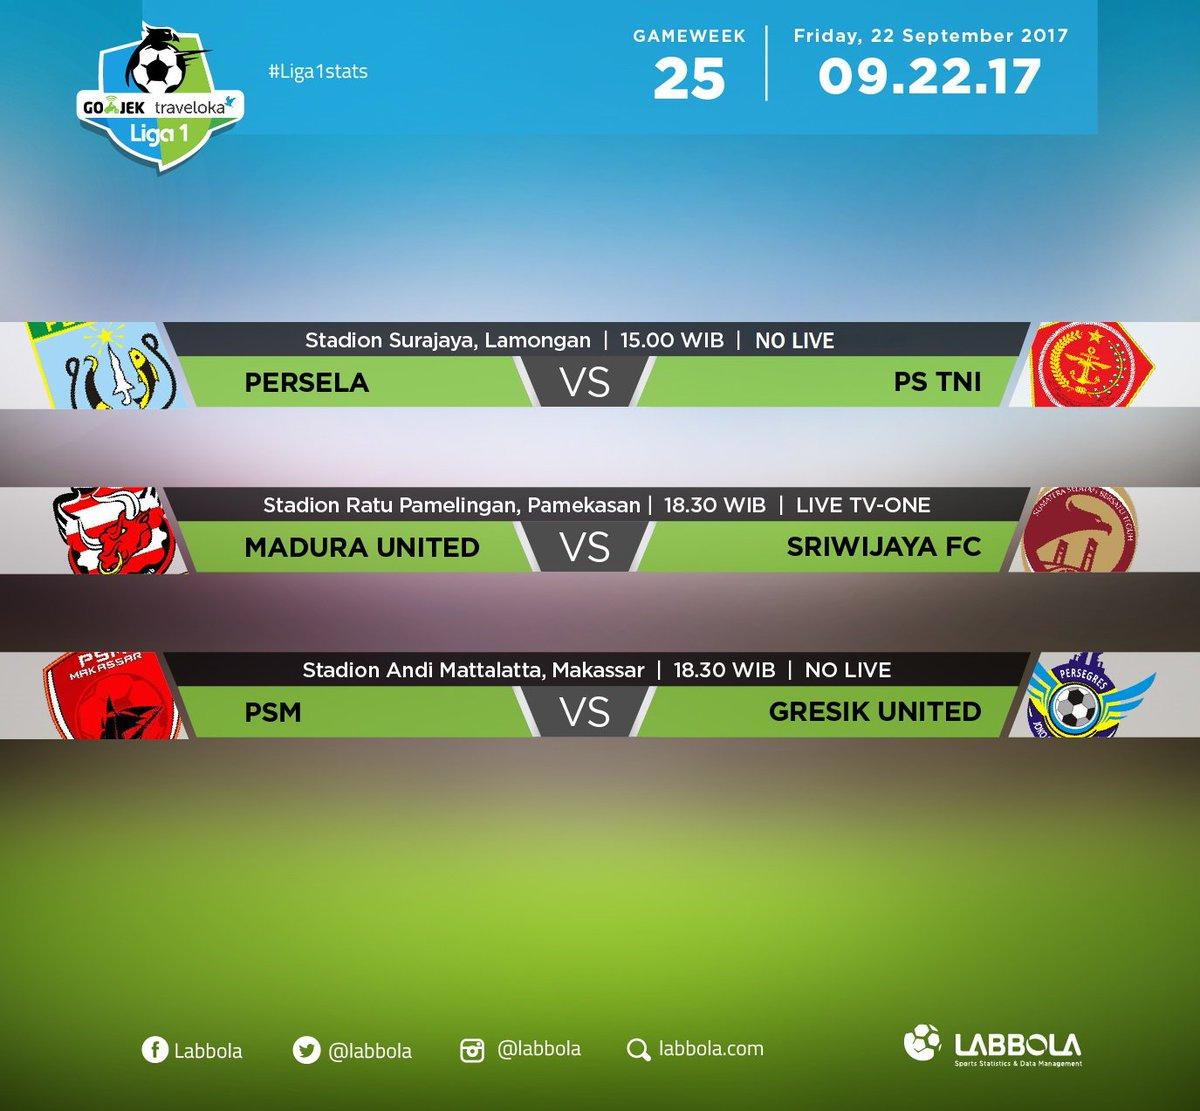 Jadwal pertandingan Liga 1